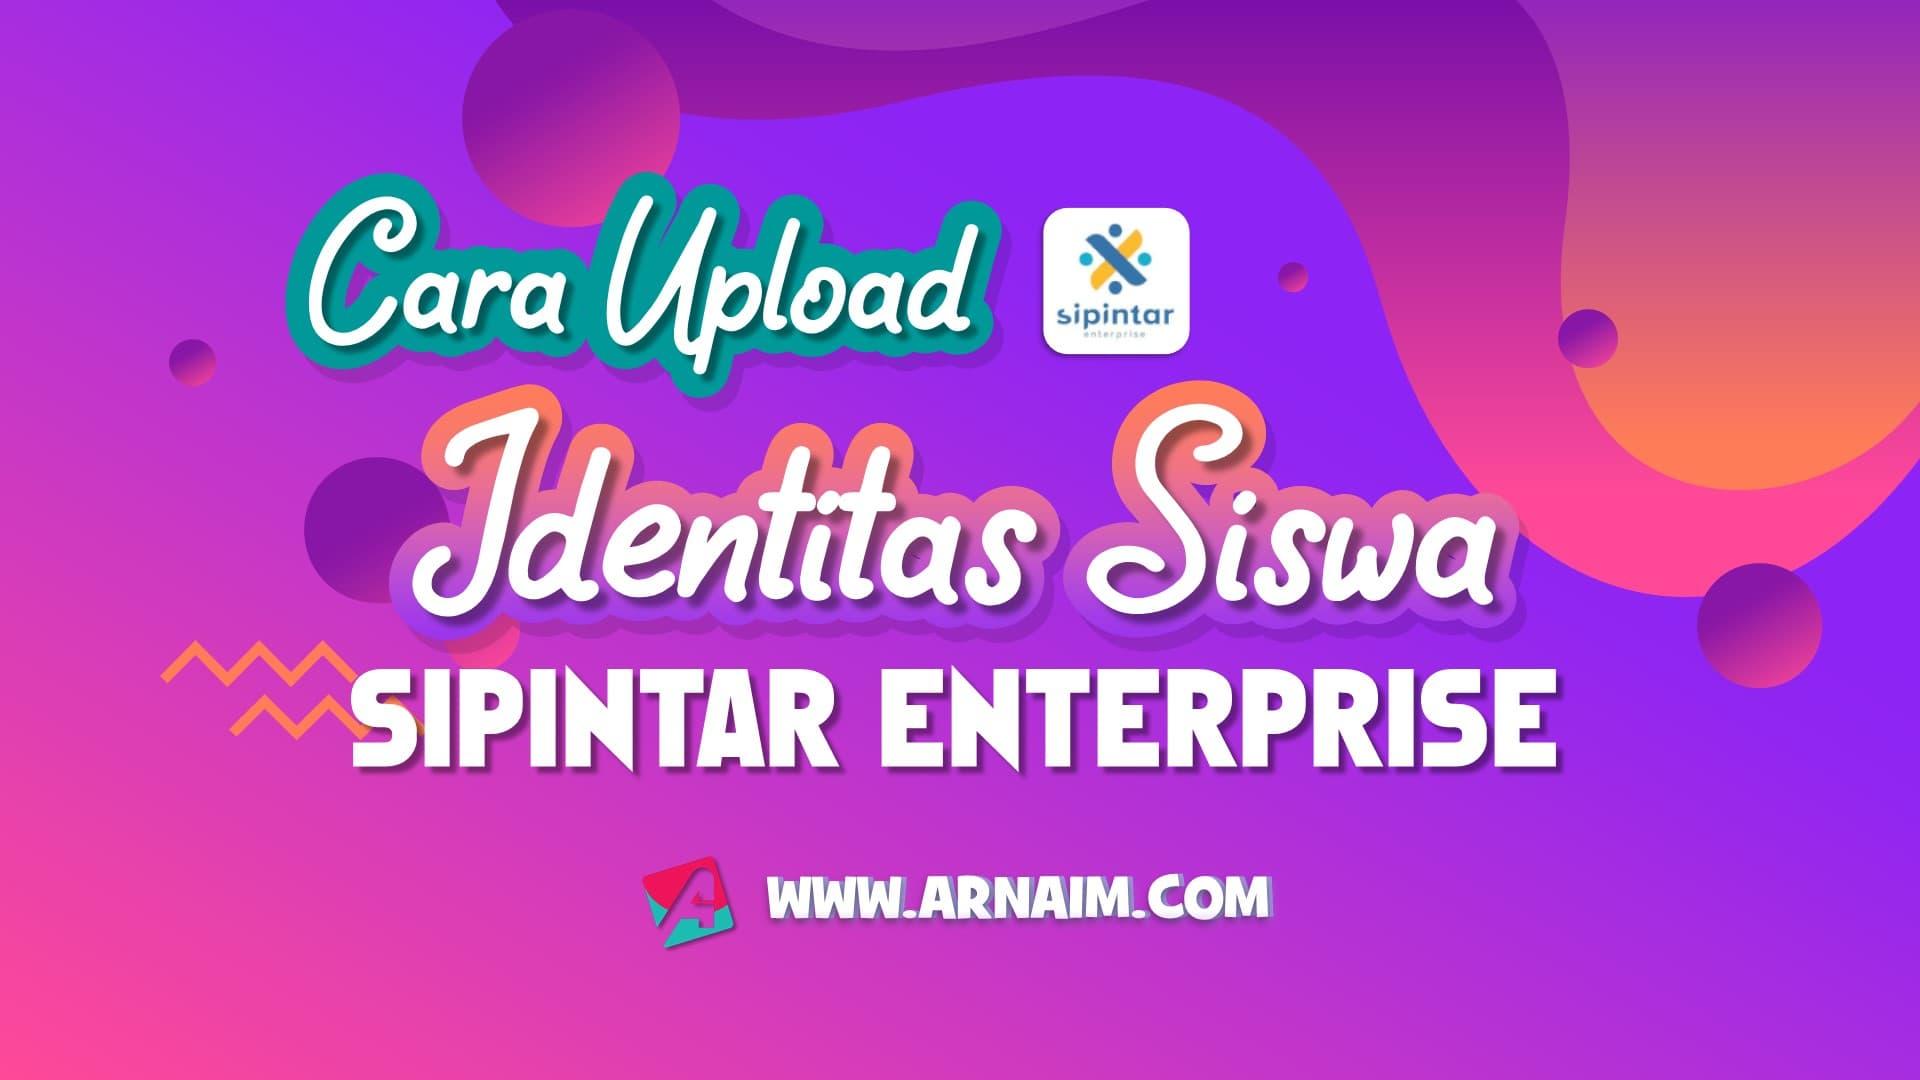 CARA UPLOAD IDENTITAS SISWA DI SIPINTAR ENTERPRISE - ARNAIM.COM